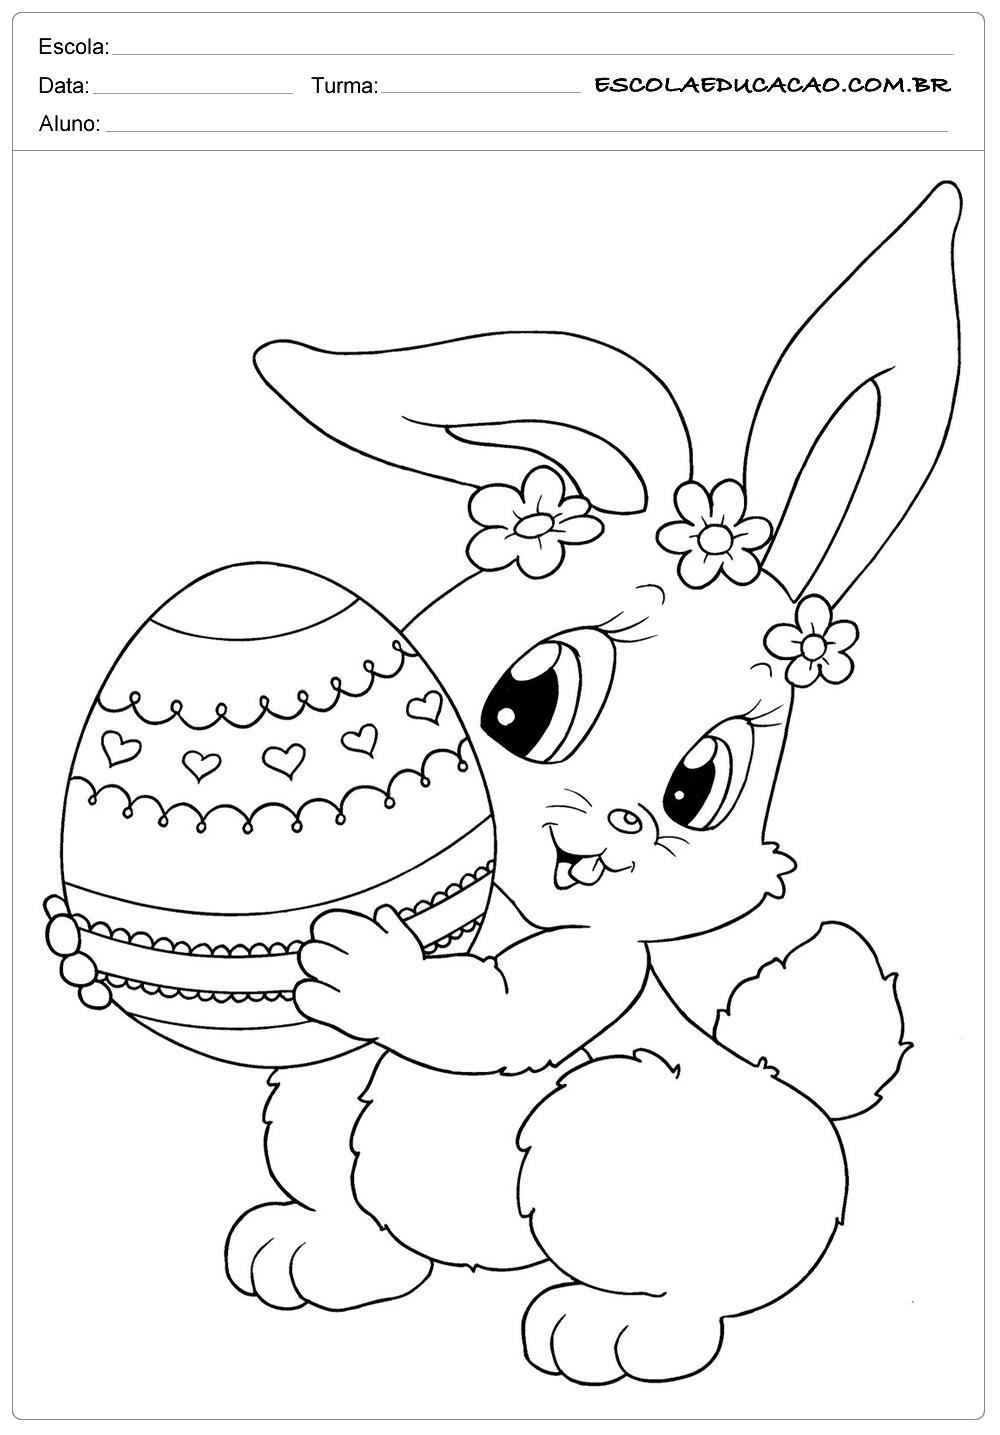 Desenhos Da Pascoa Para Colorir Coelhinha E Cenoura Escola